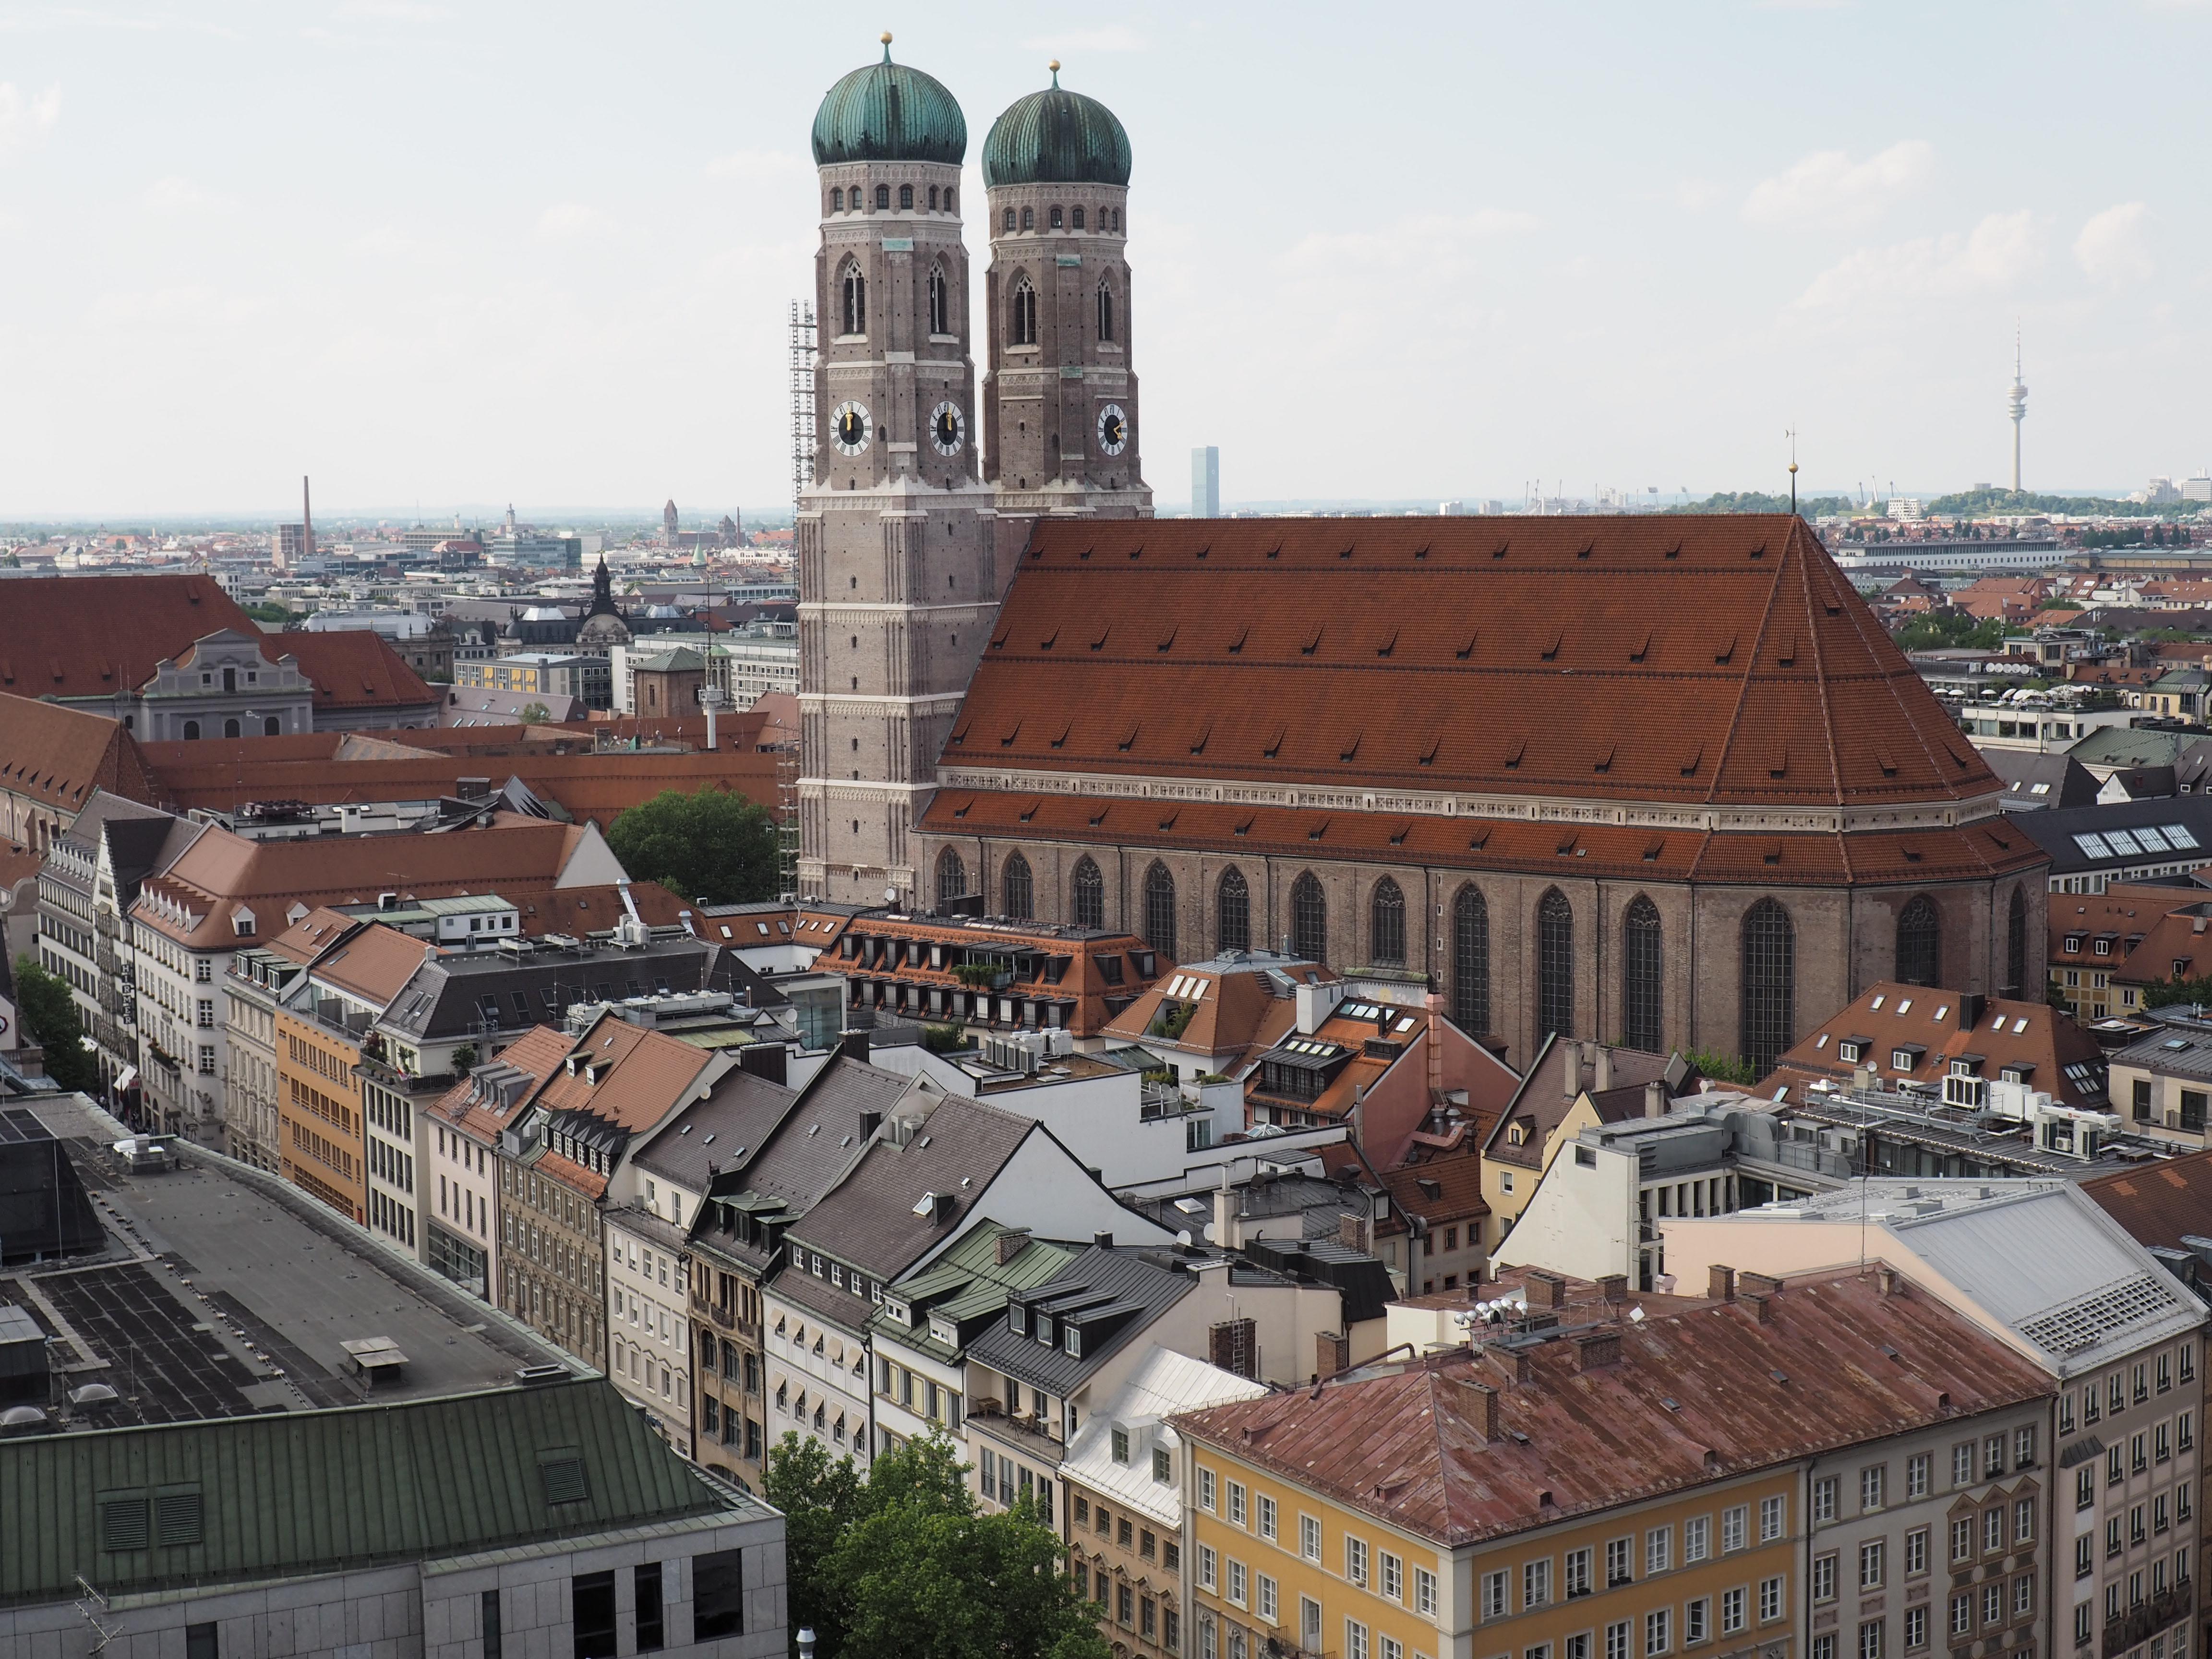 Fantastischer Ausblick vom Turm der Pfarrkirche St. Peter auf die Frauenkirche in München